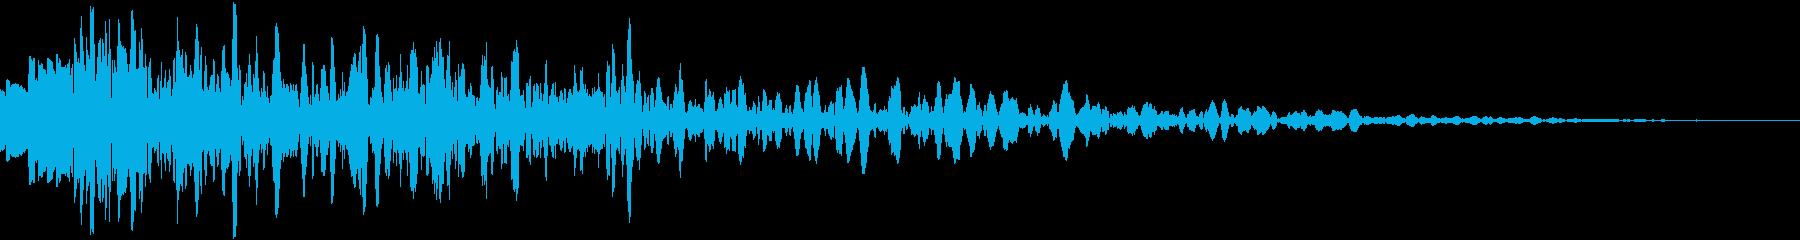 怪獣(モンスター)の足音の再生済みの波形